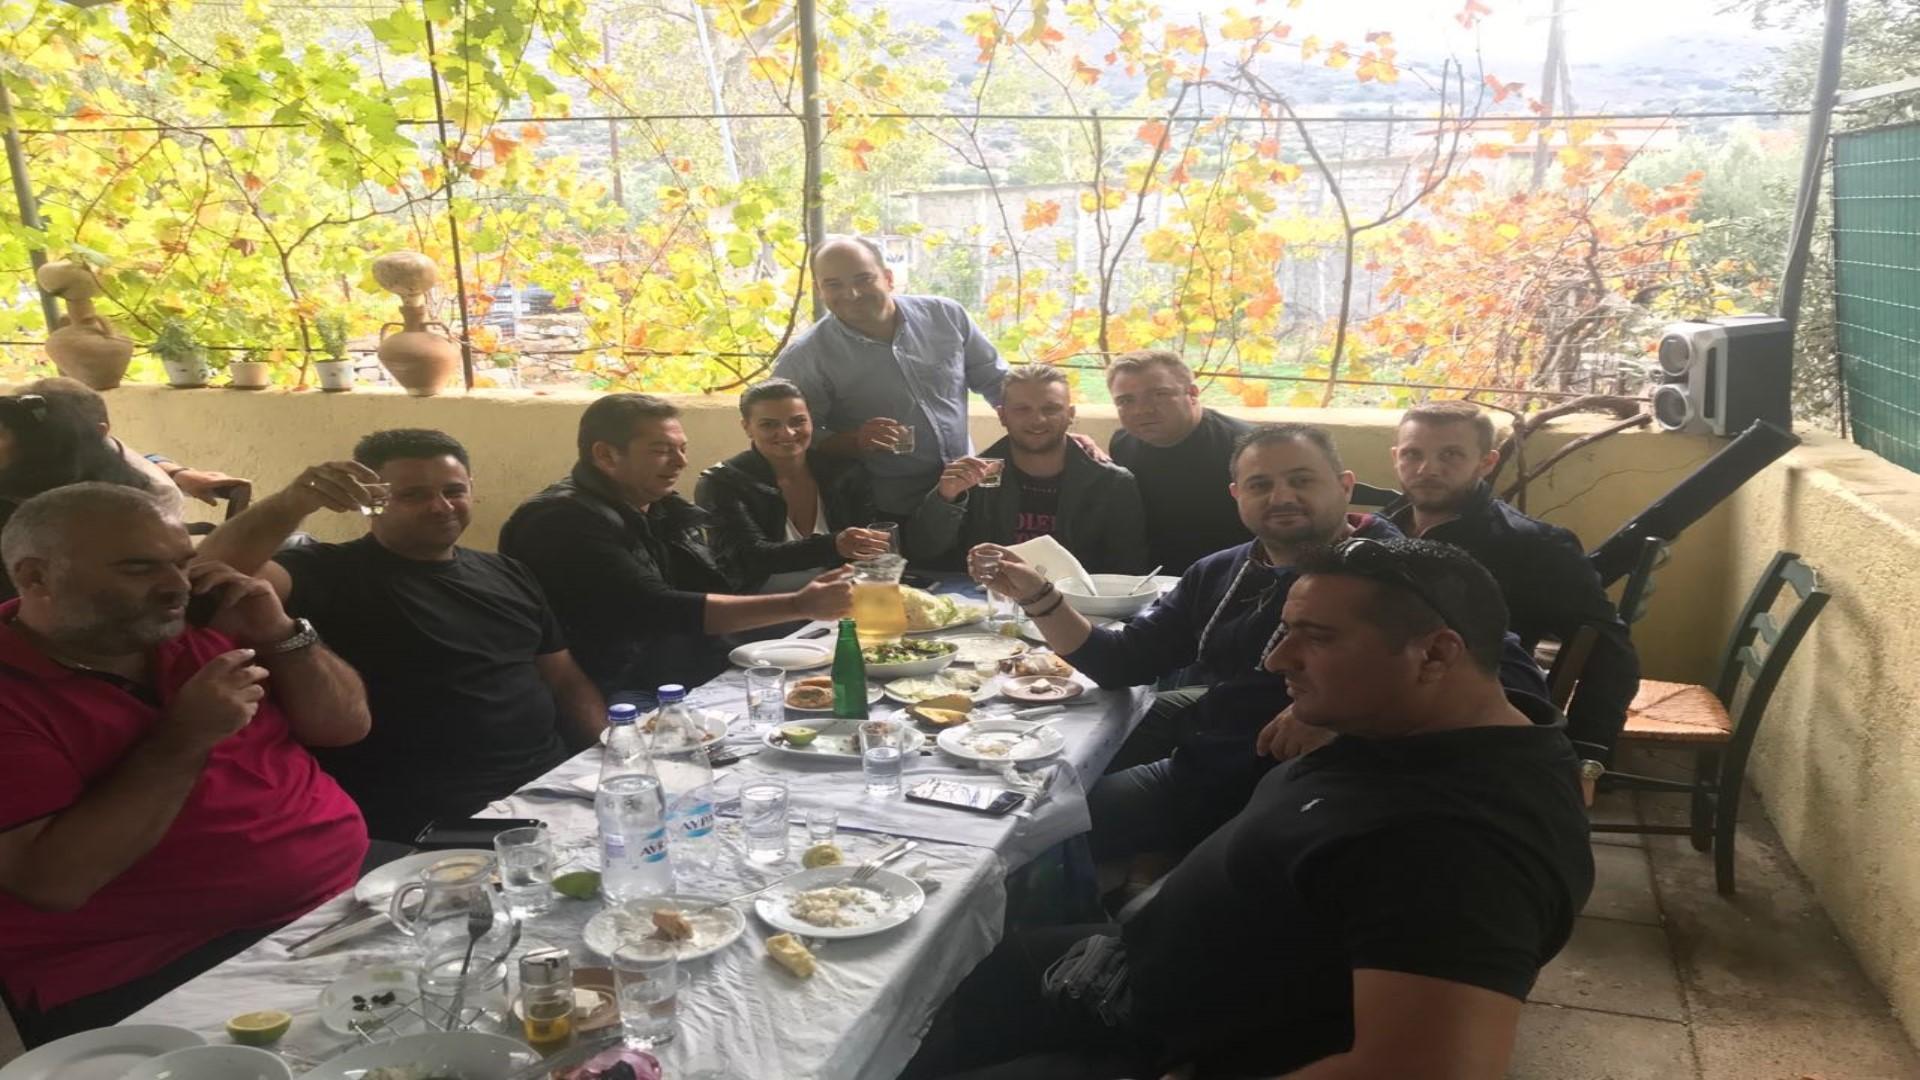 ΕΠΛΣ Ανατολικής Κρήτης-Ευχαριστήριο προς τους συμμετέχοντες στην εκδήλωση «Καζανέματα»